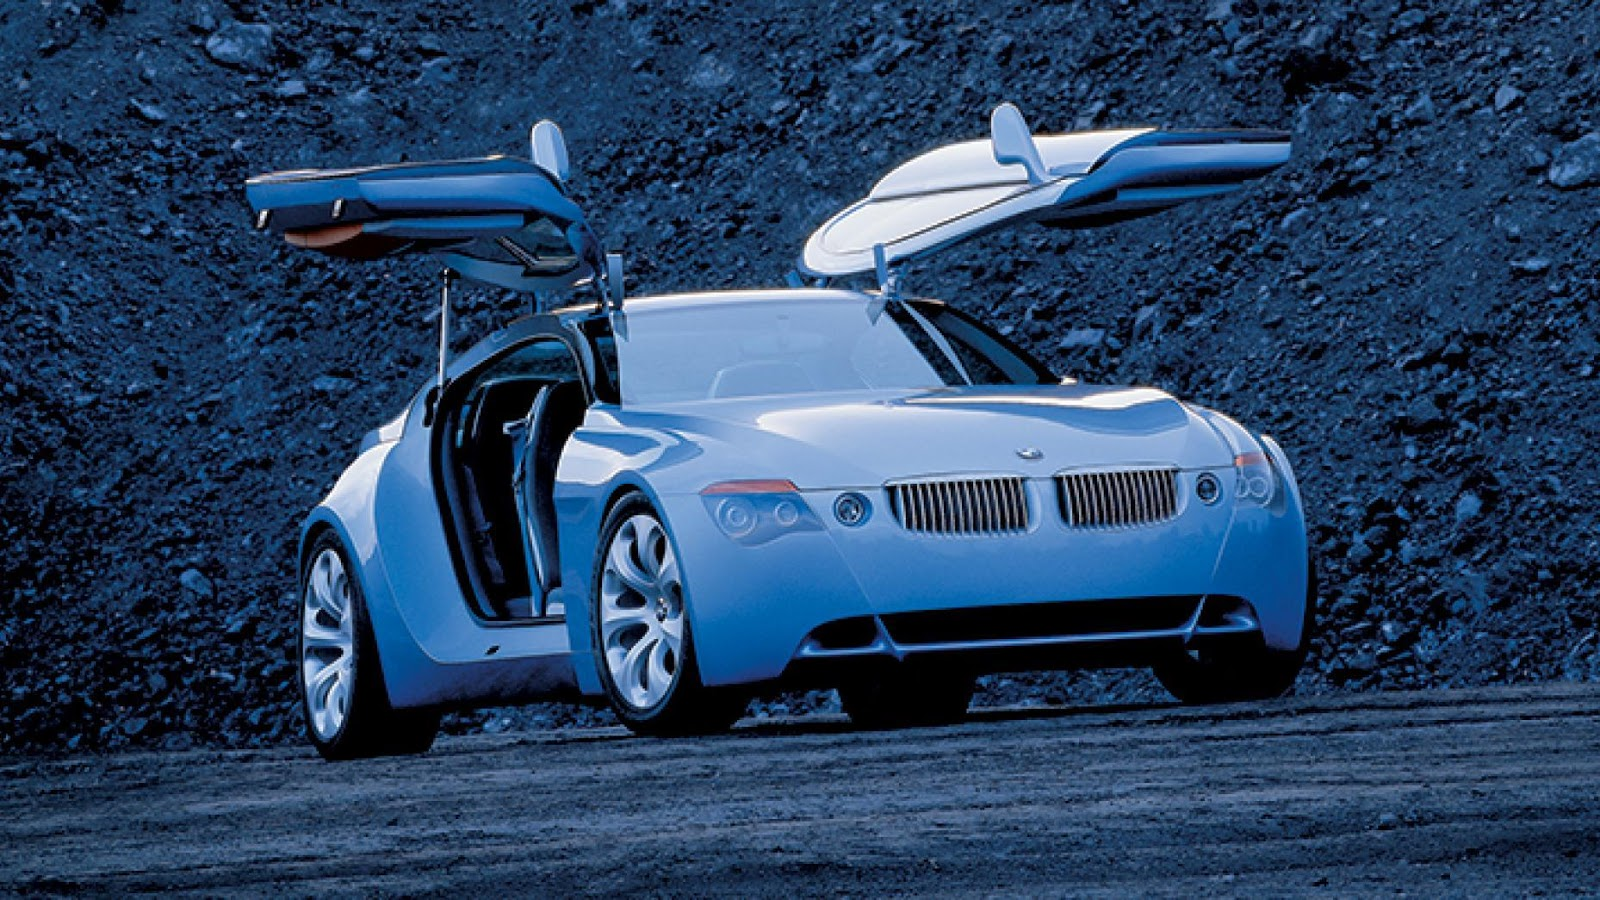 1999: BMW Z9 Gran Turismo